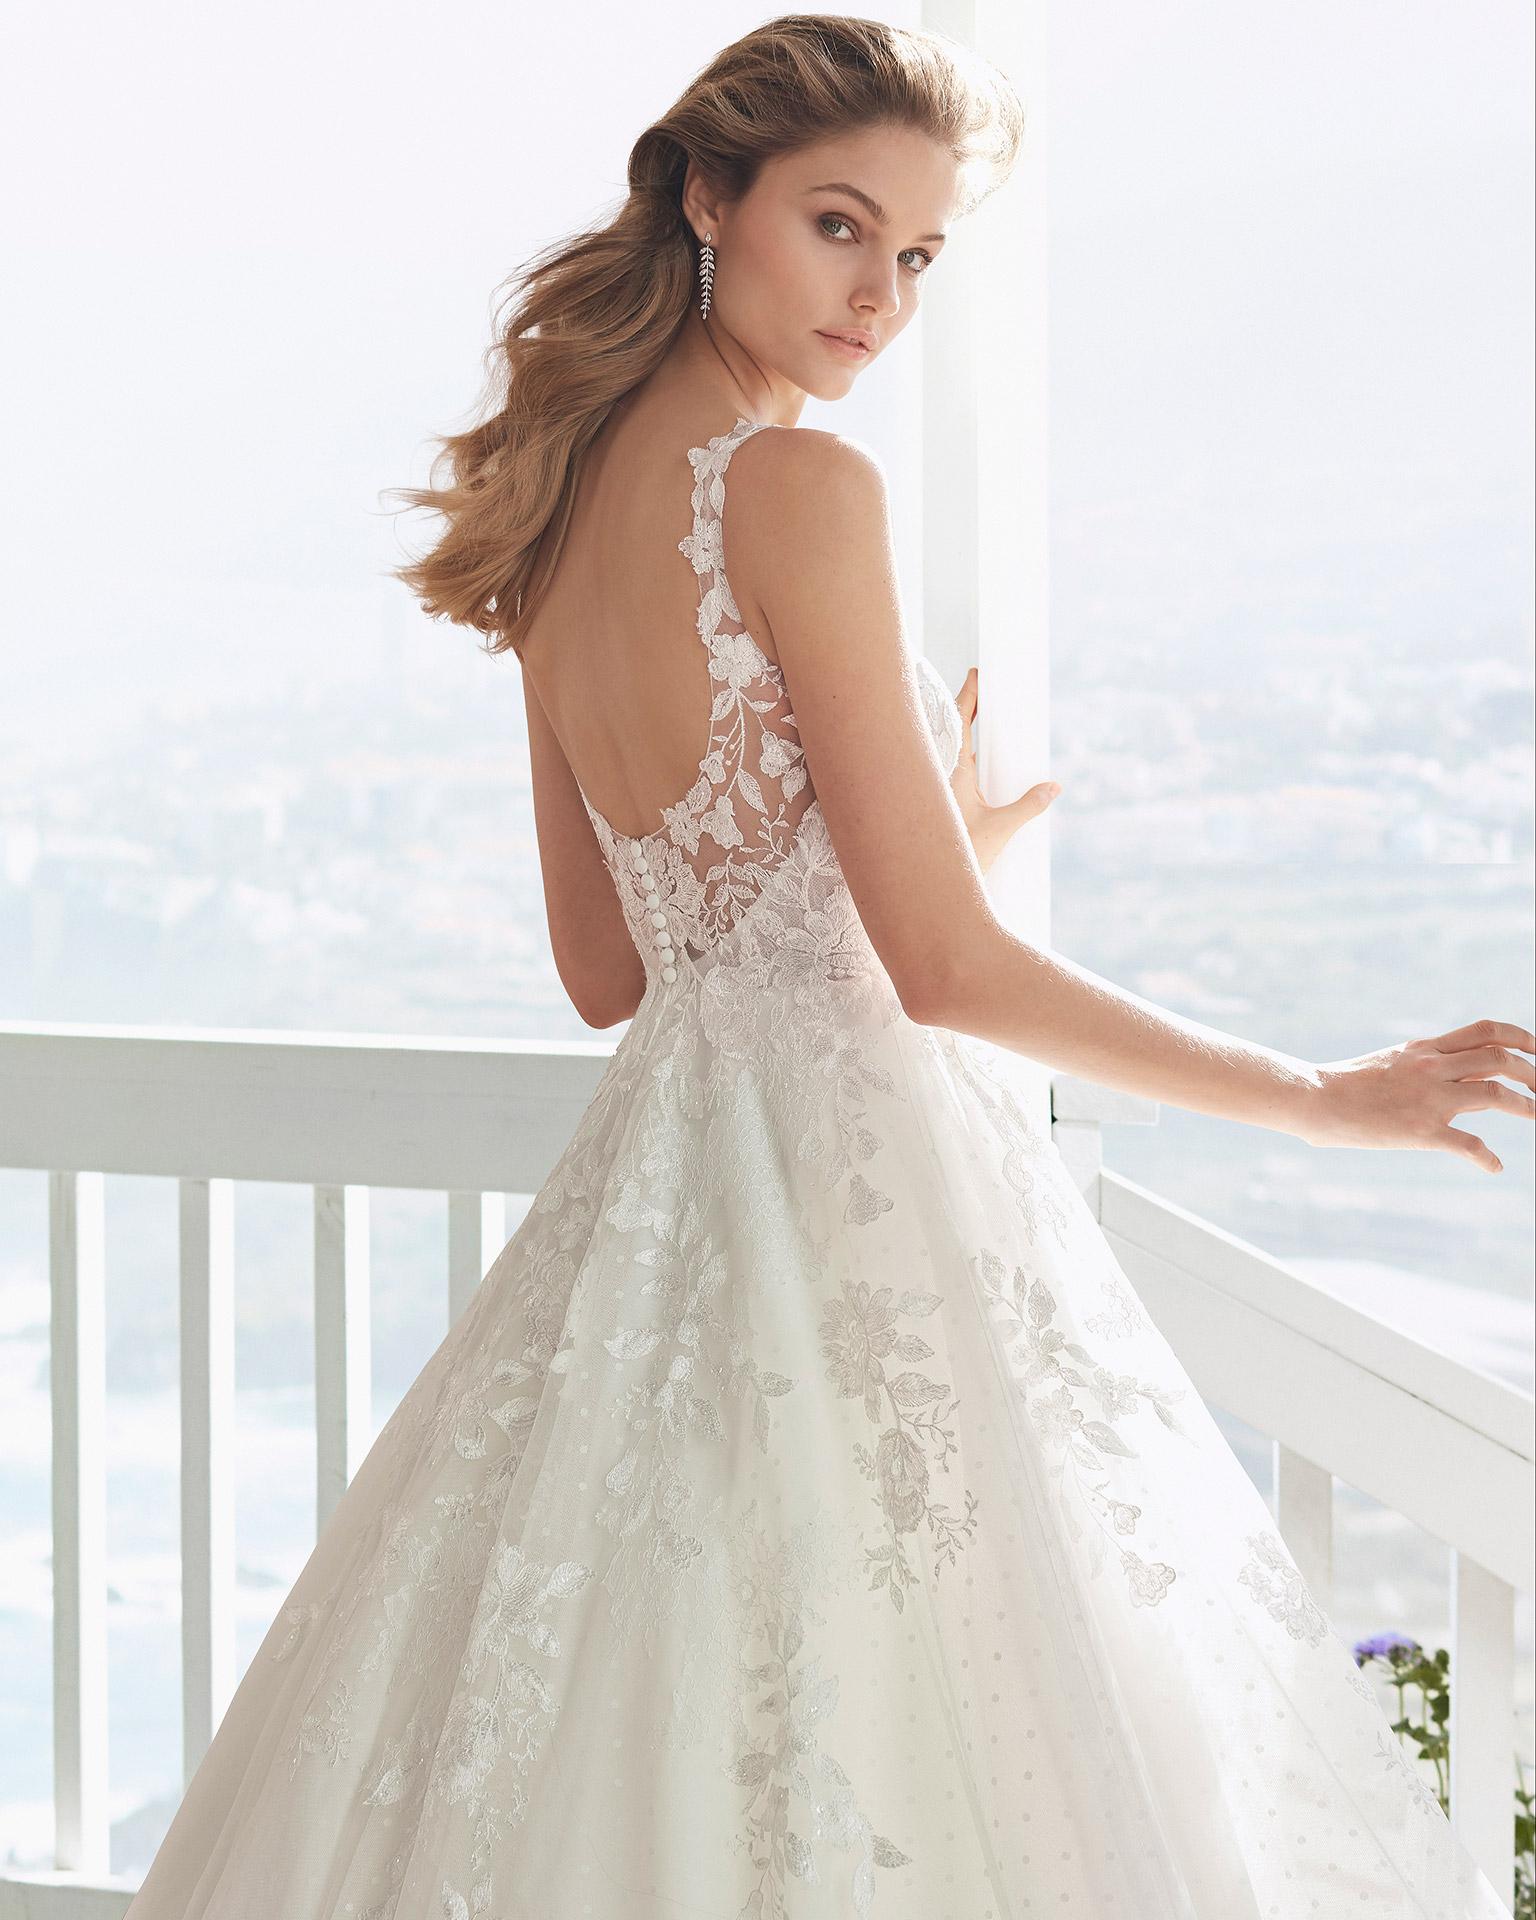 Brautkleid Hochzeitskleid Harz Hochzeitsblume Prinzessinnenkleid